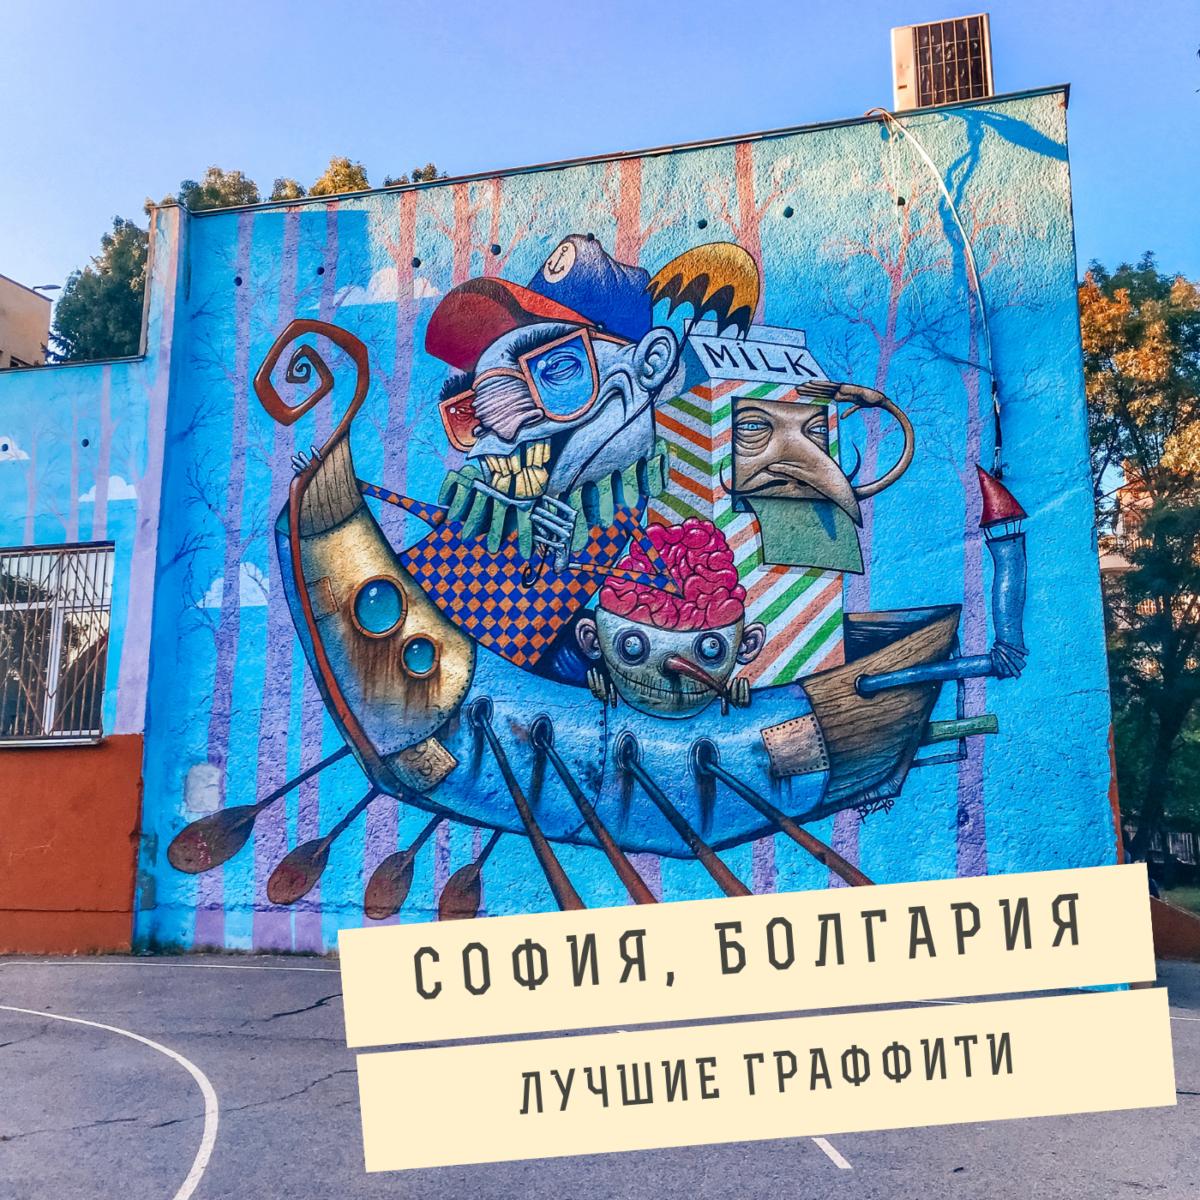 Топ 20 граффити в Софии